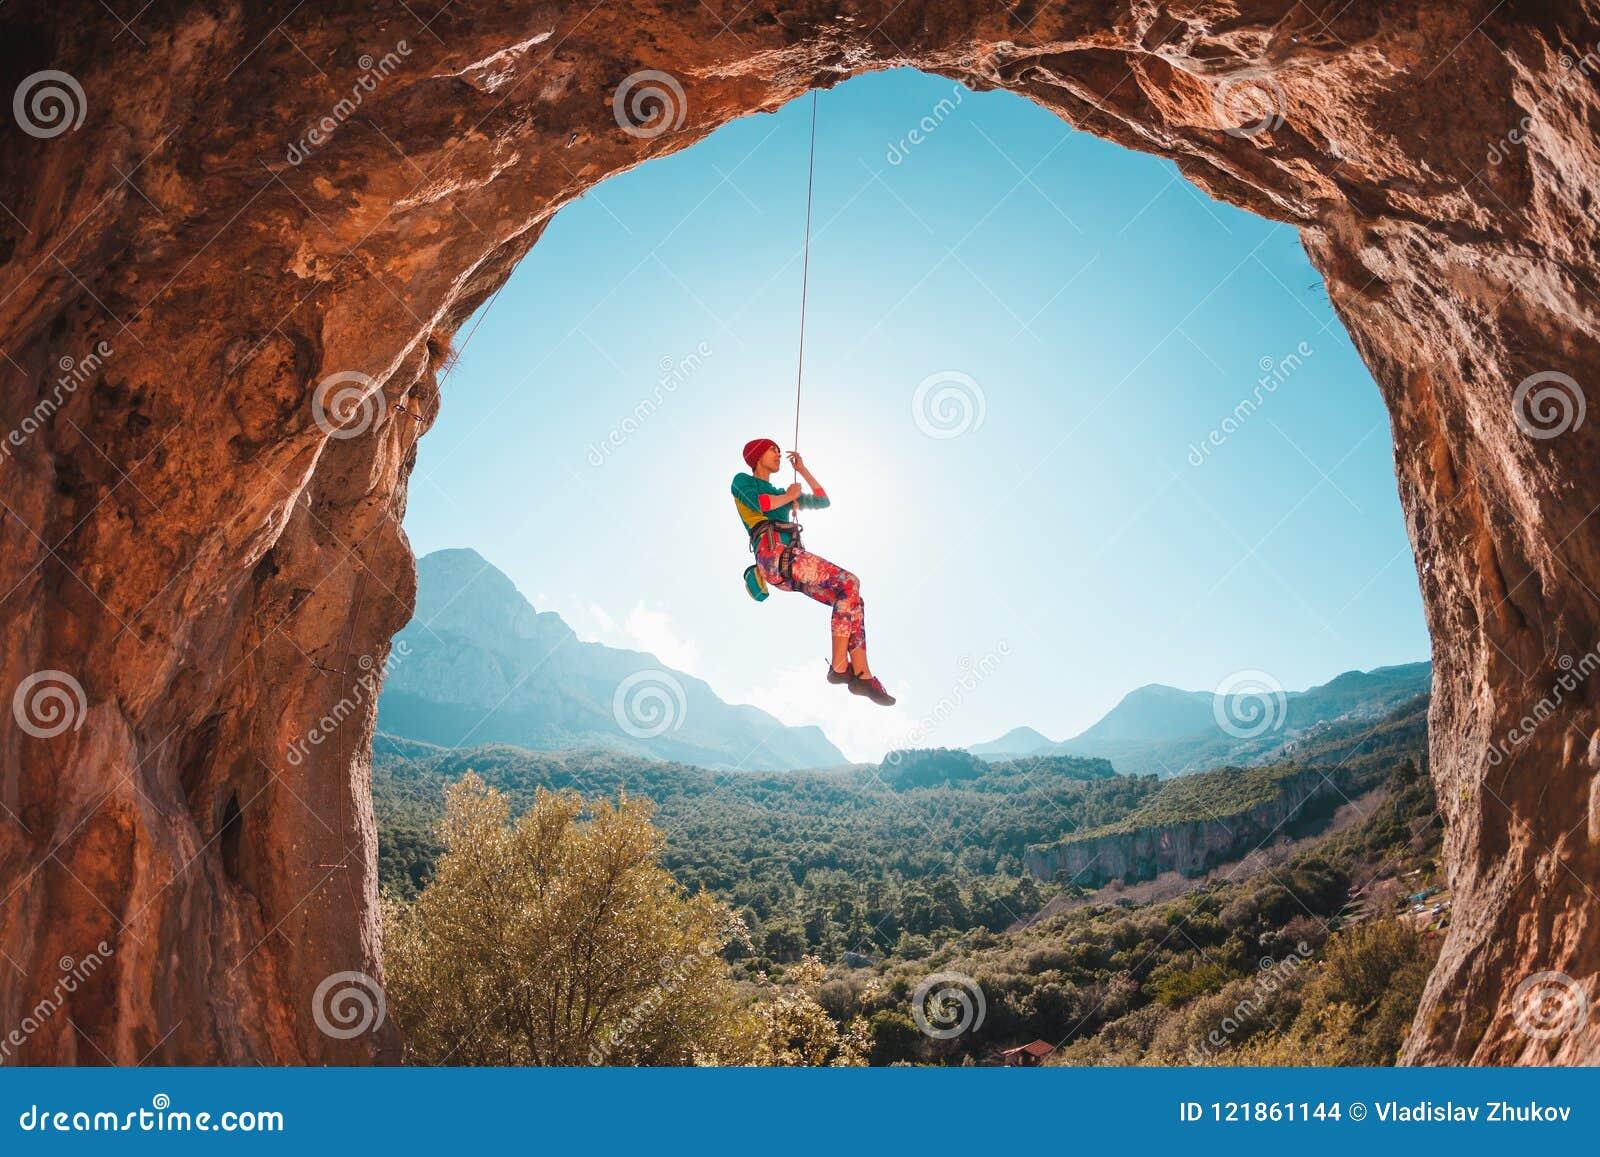 El escalador está colgando en una cuerda